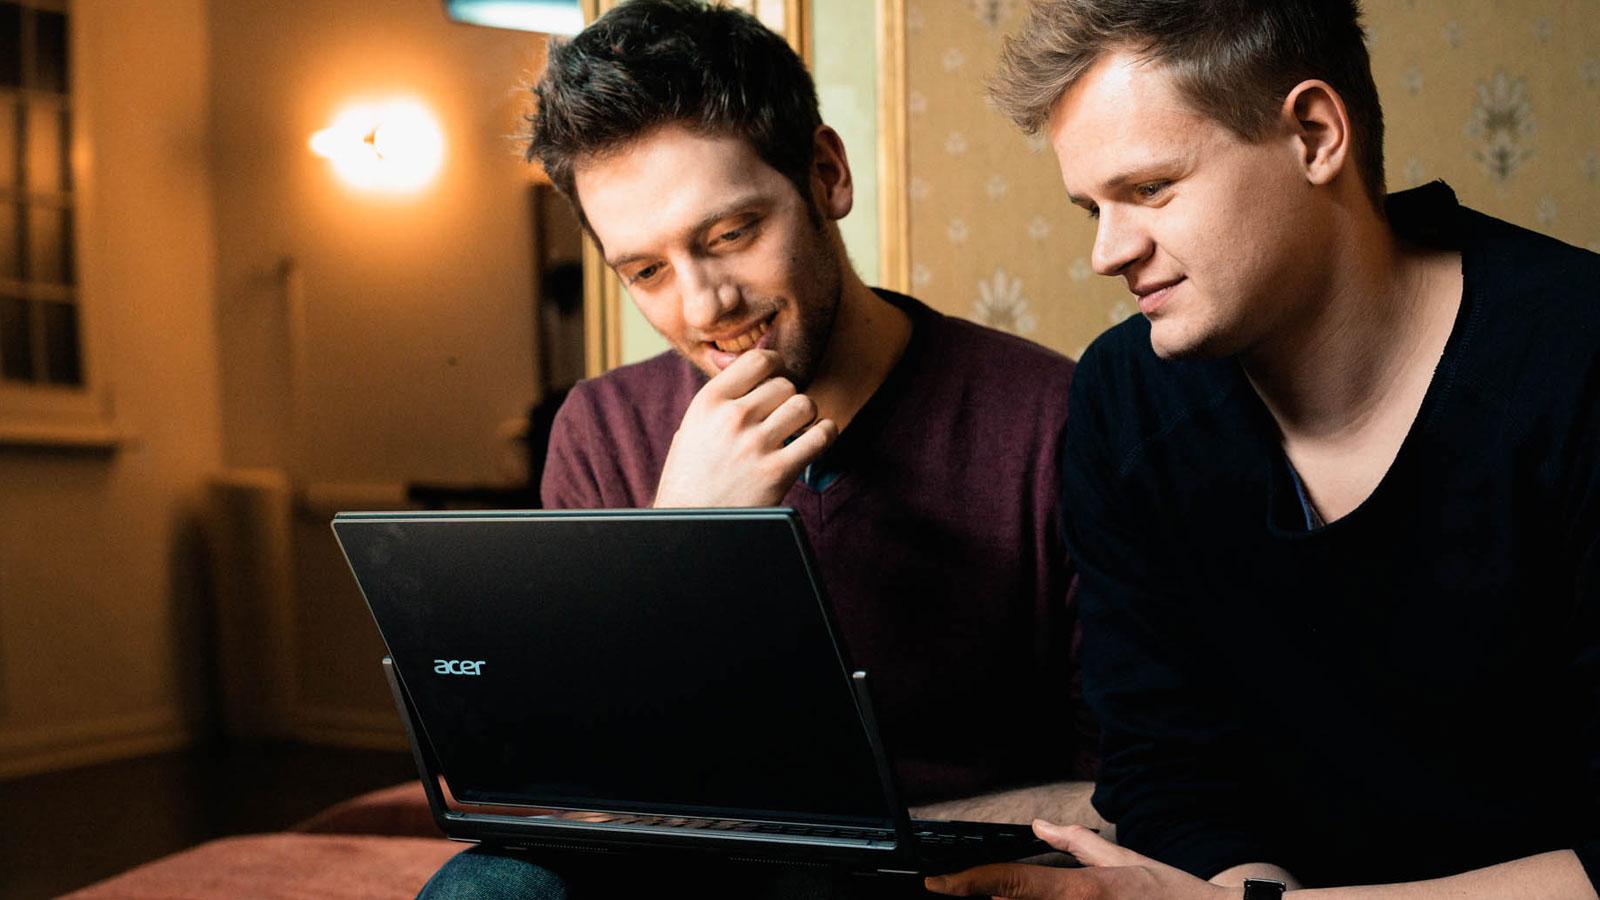 Dennis und Christian sitzen am Laptop